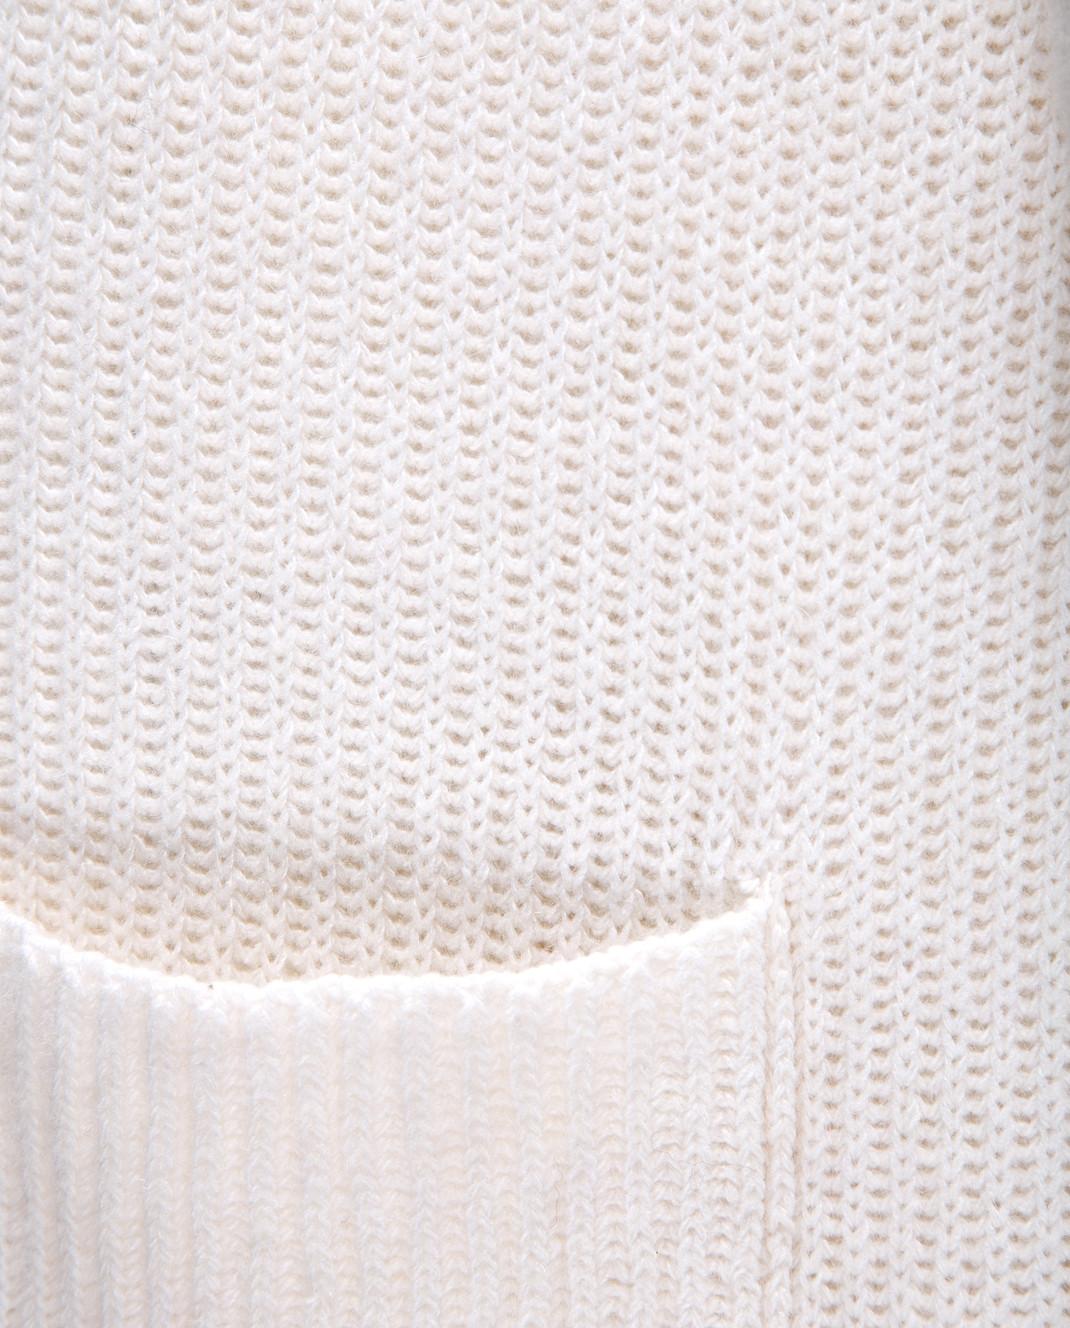 Tak.Ori Белый кардиган из шерсти CDK30021 изображение 5